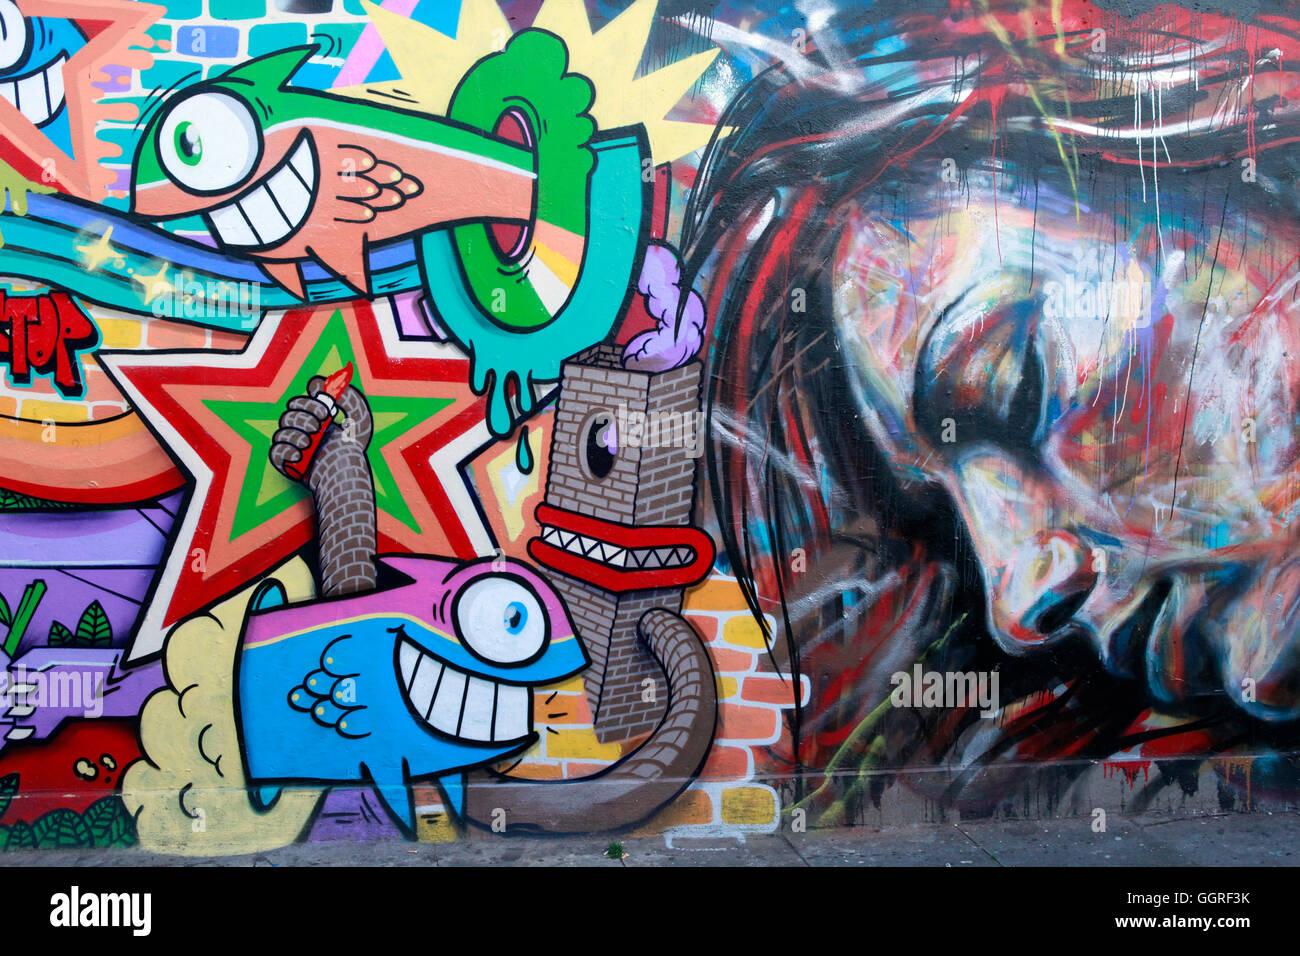 Graffiti auf dem Beco do Batman in Vila Madalena, Sao Paulo, Brasilien Stockfoto